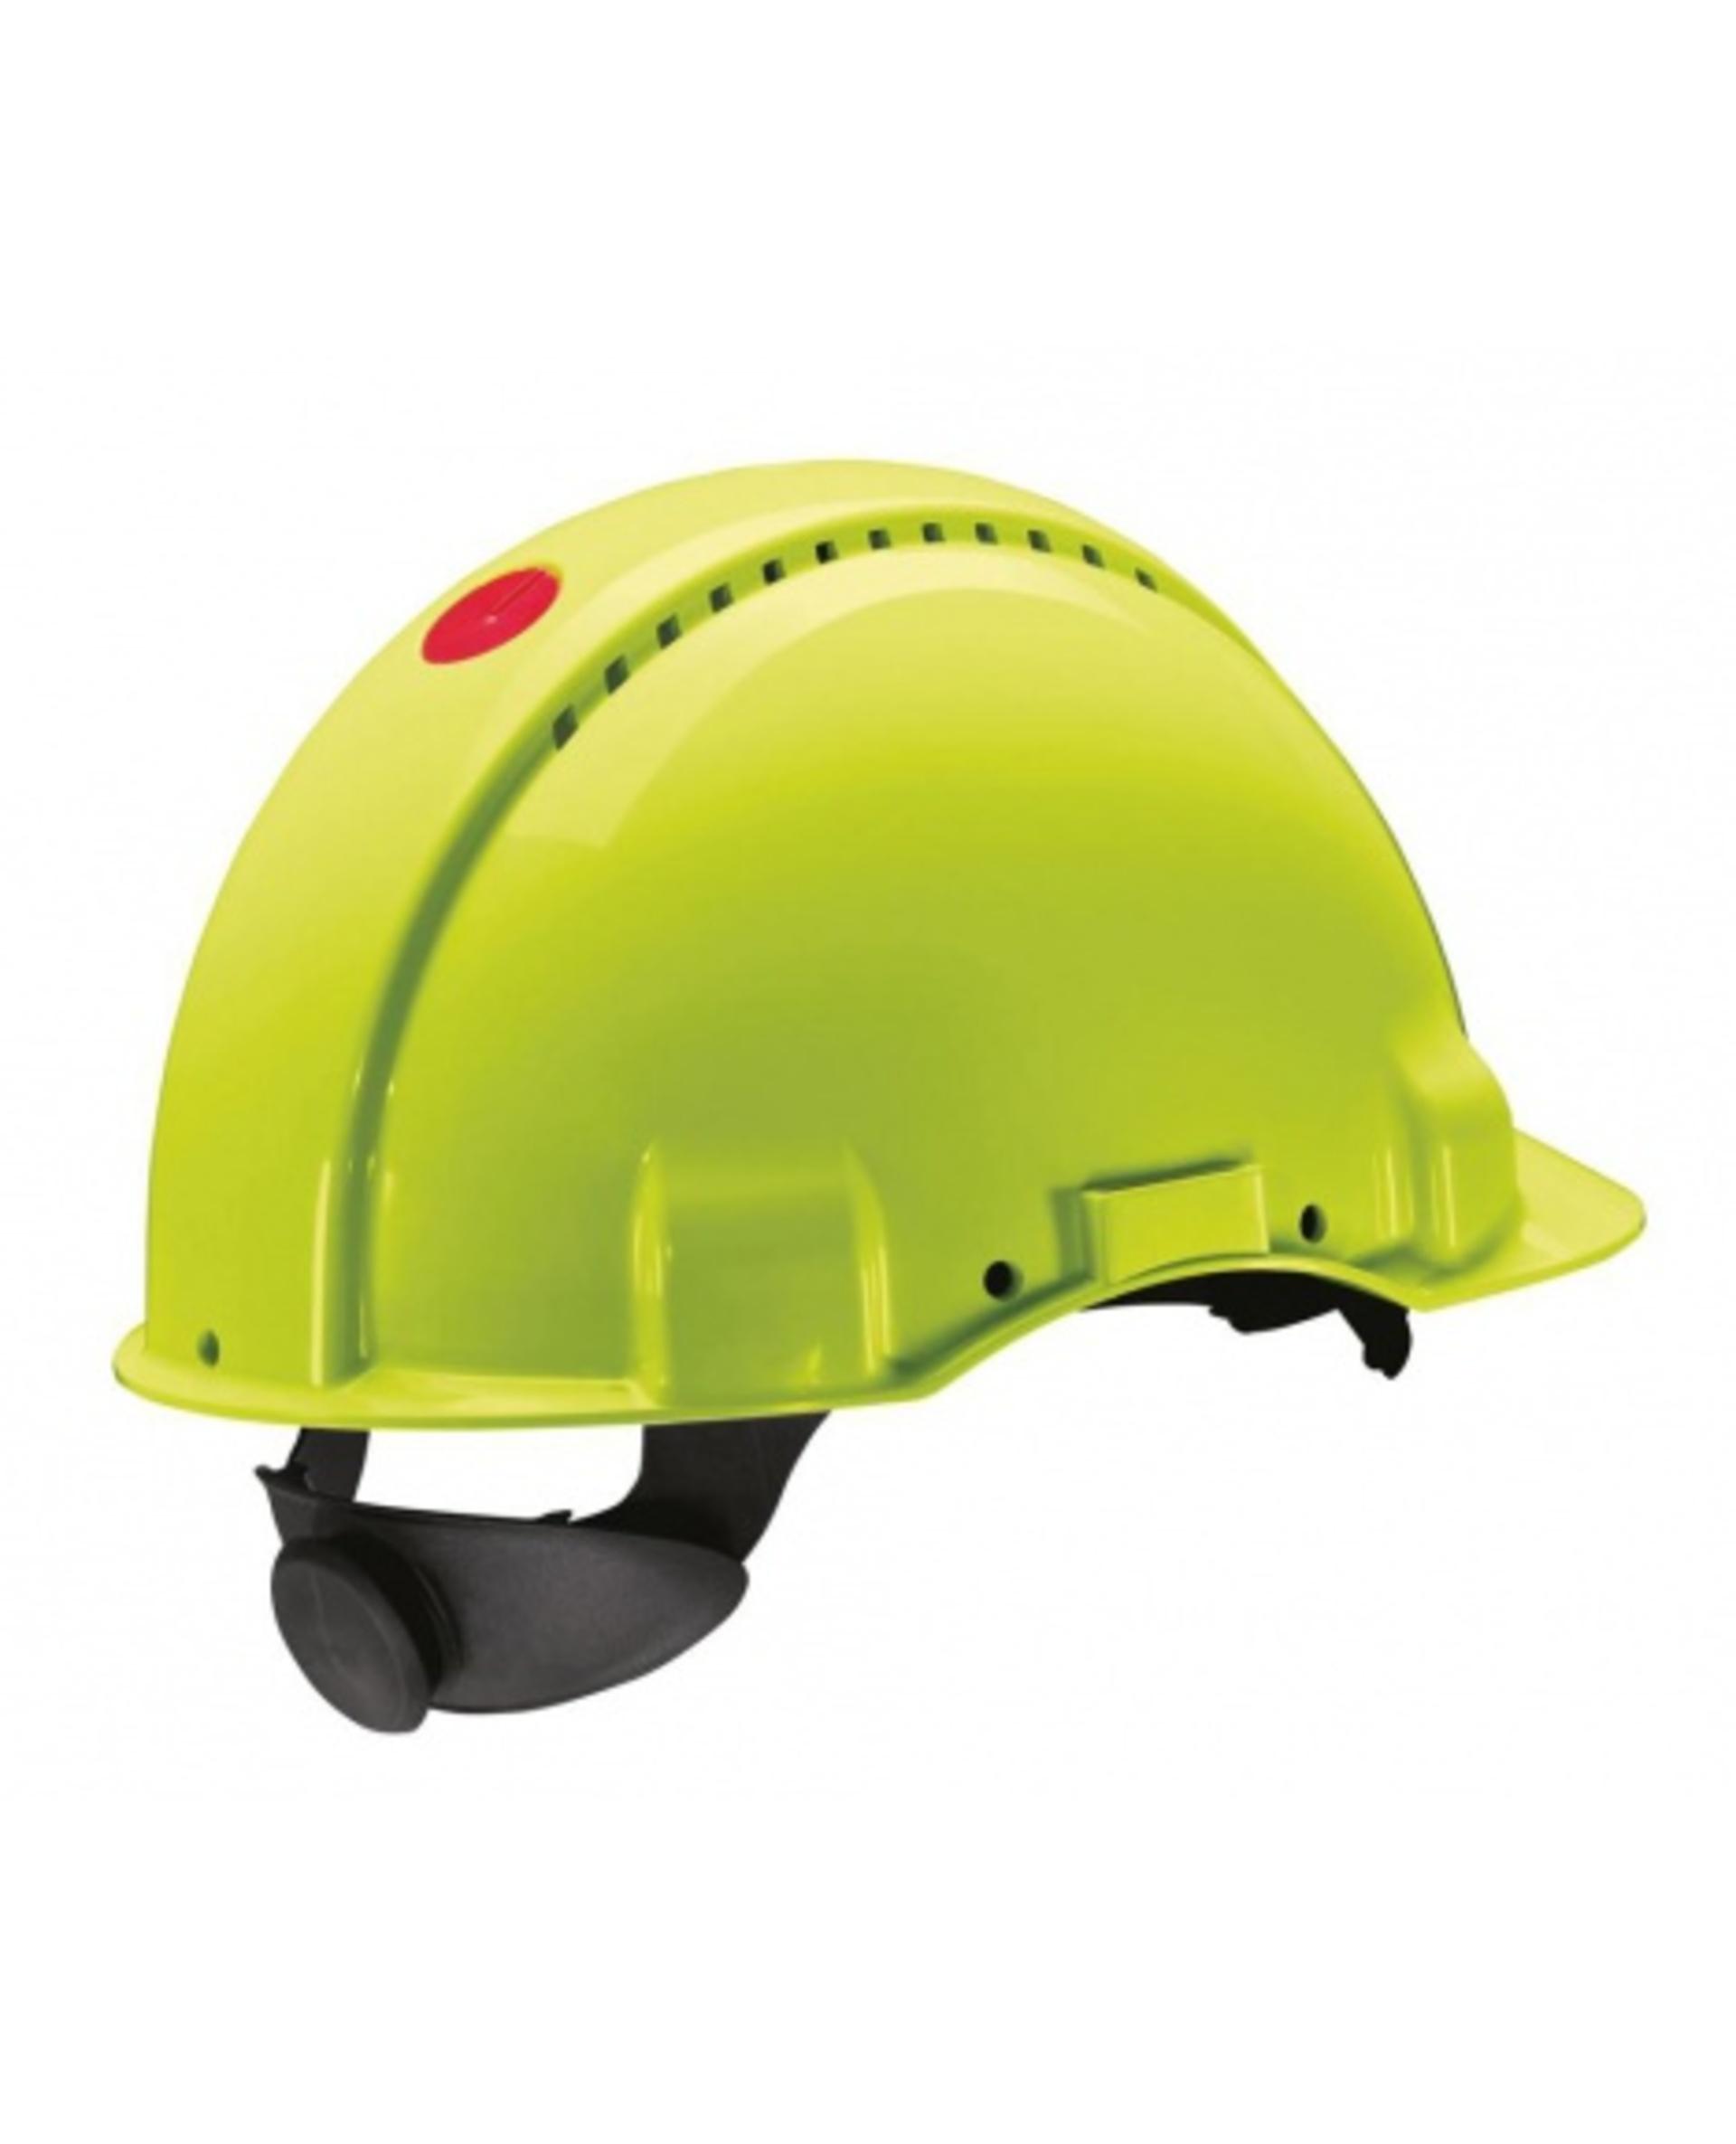 3M PELTOR G3000 Ochranná přilba reflexní žlutá